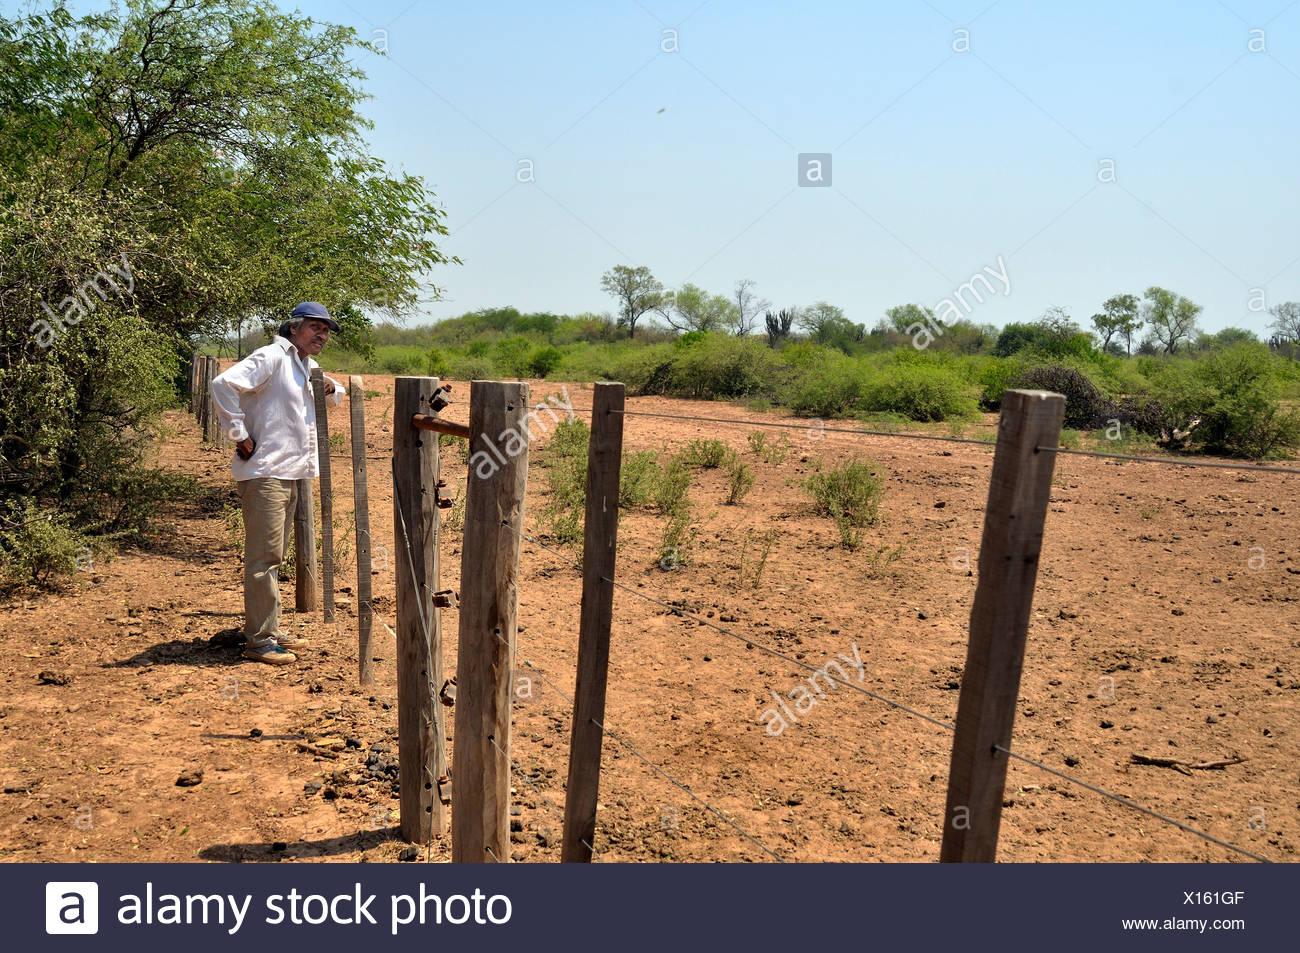 La usurpación de tierras, los grandes terratenientes han cercado las tierras que una vez constituido el hábitat de los indios Wichi, la tribu Imagen De Stock